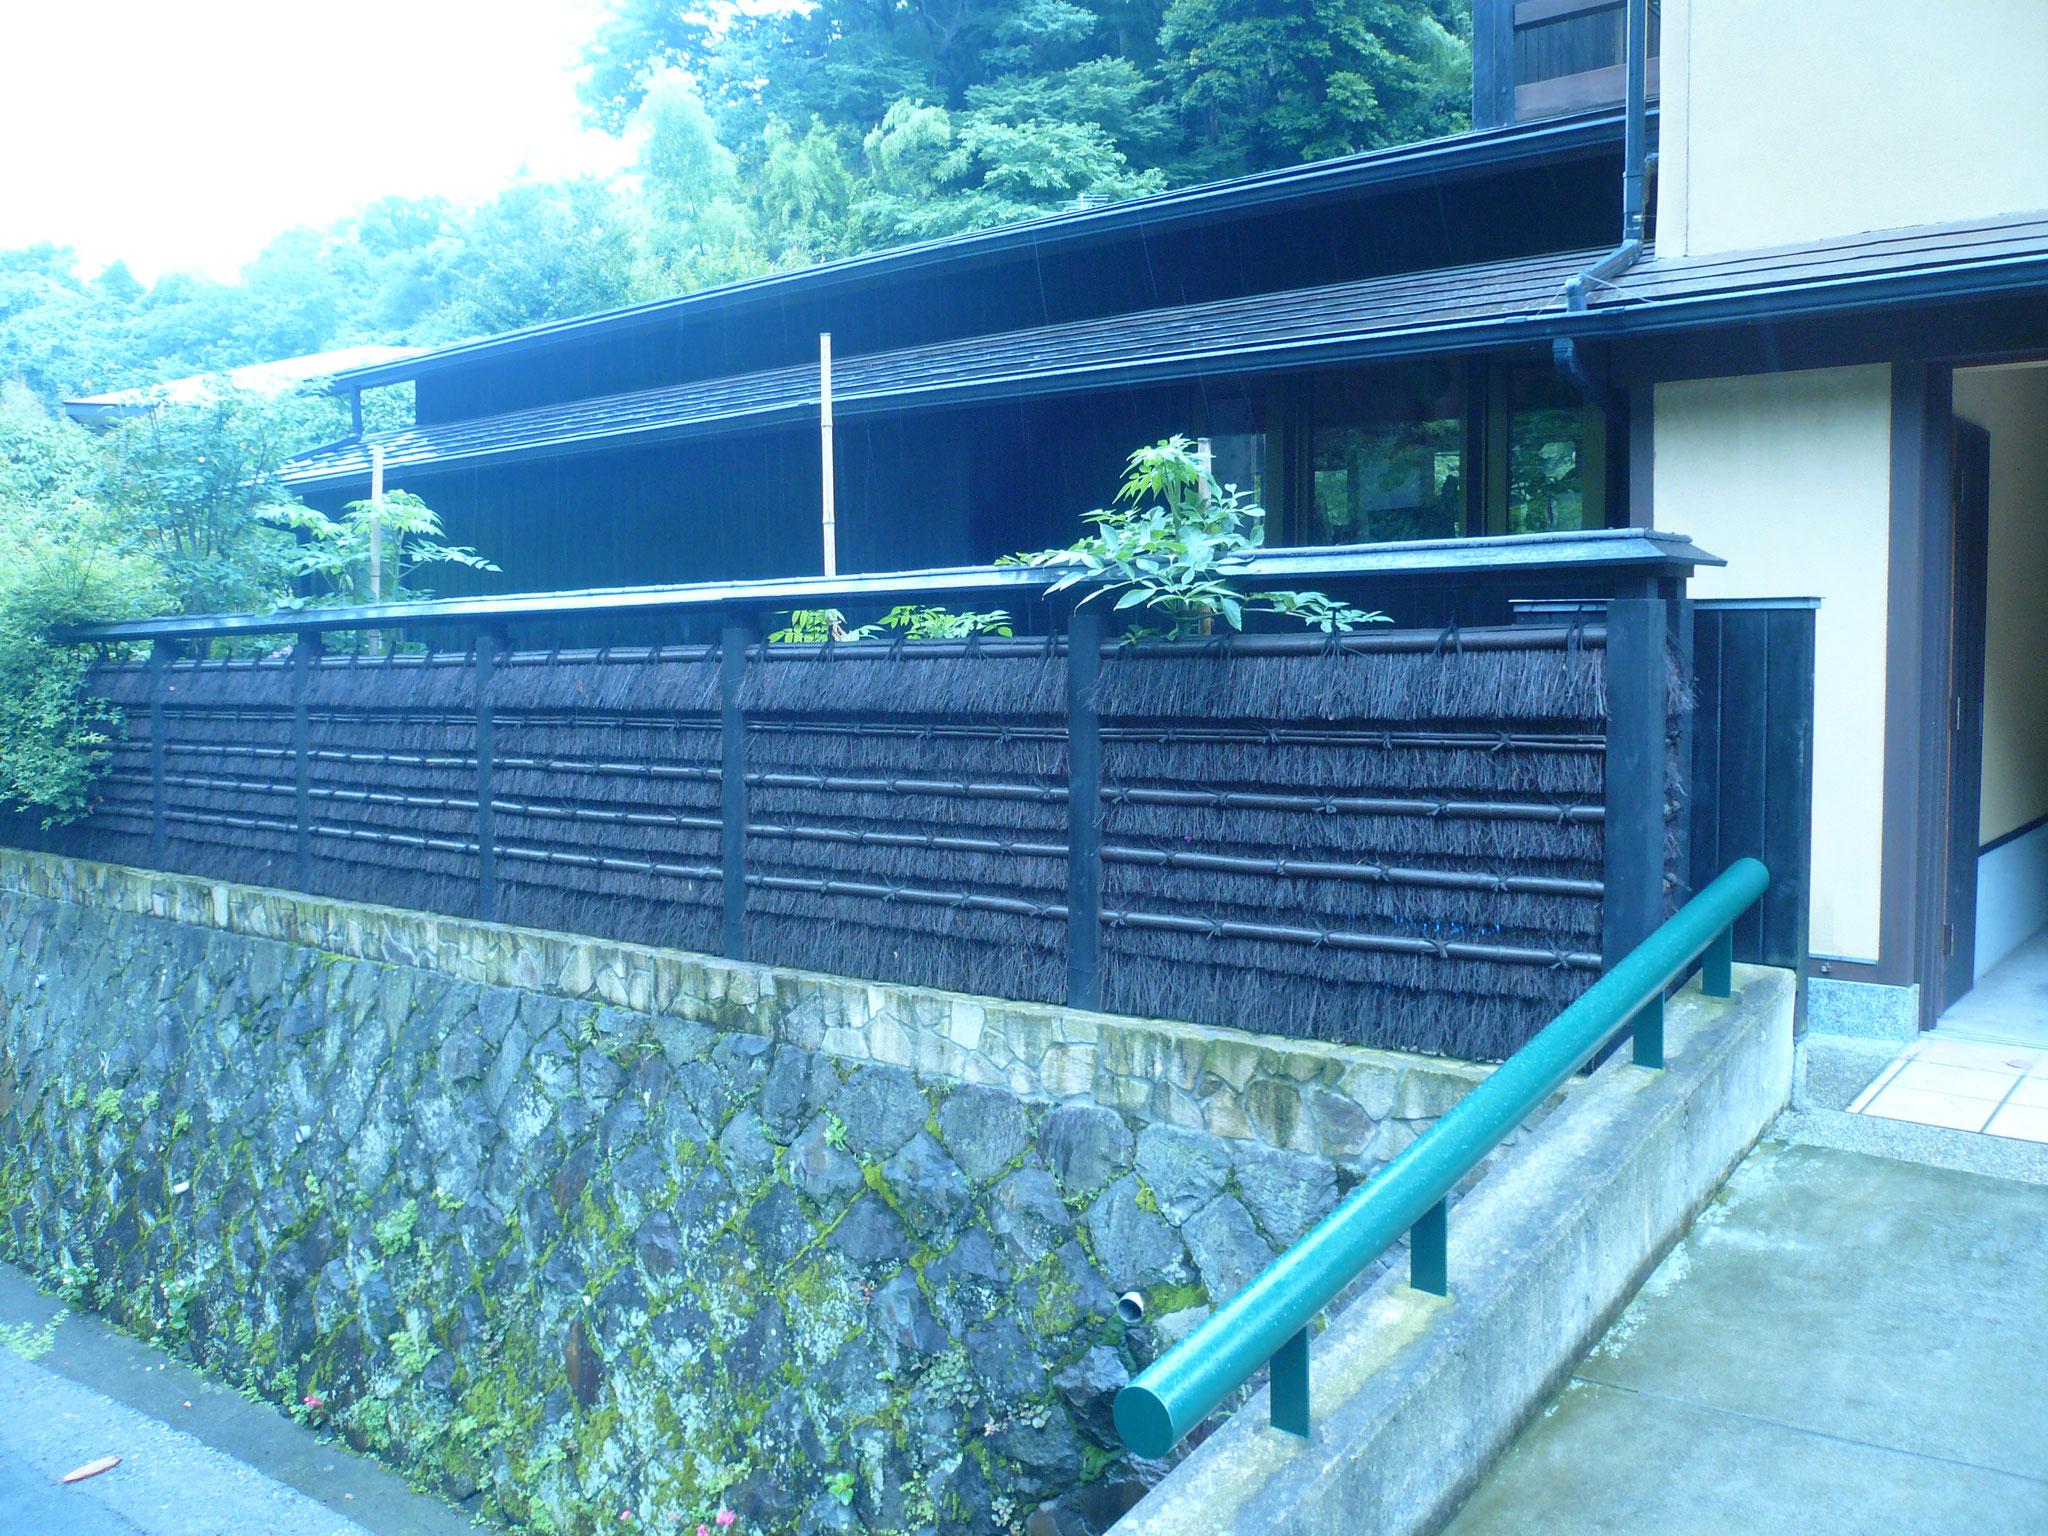 覚園寺の前の素晴らしい和風建築。地区のバランスが素晴らしい